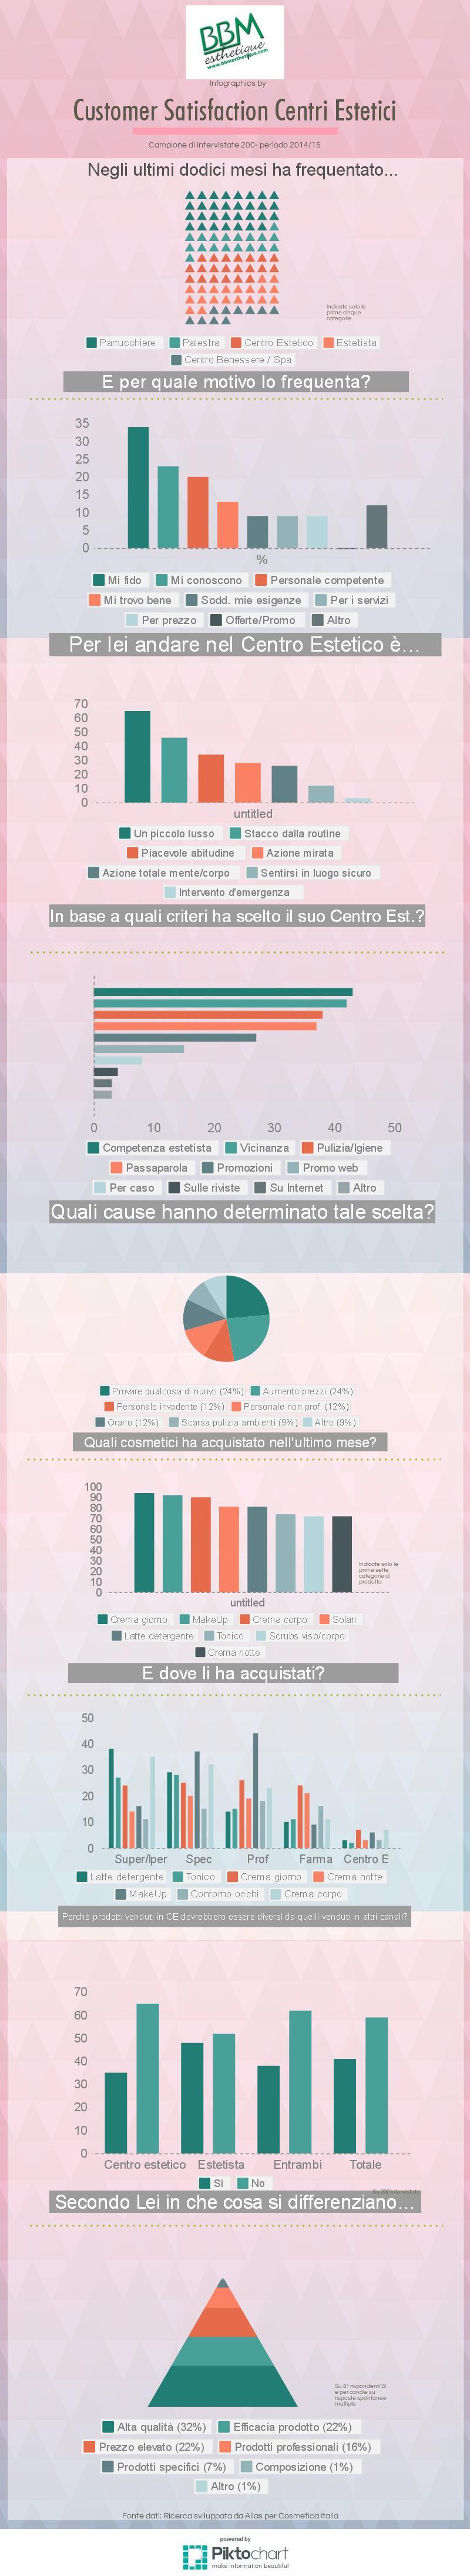 Customer Satisfaction Centri Estetici 2015 #infografica #centriestetici #bbmesthetique